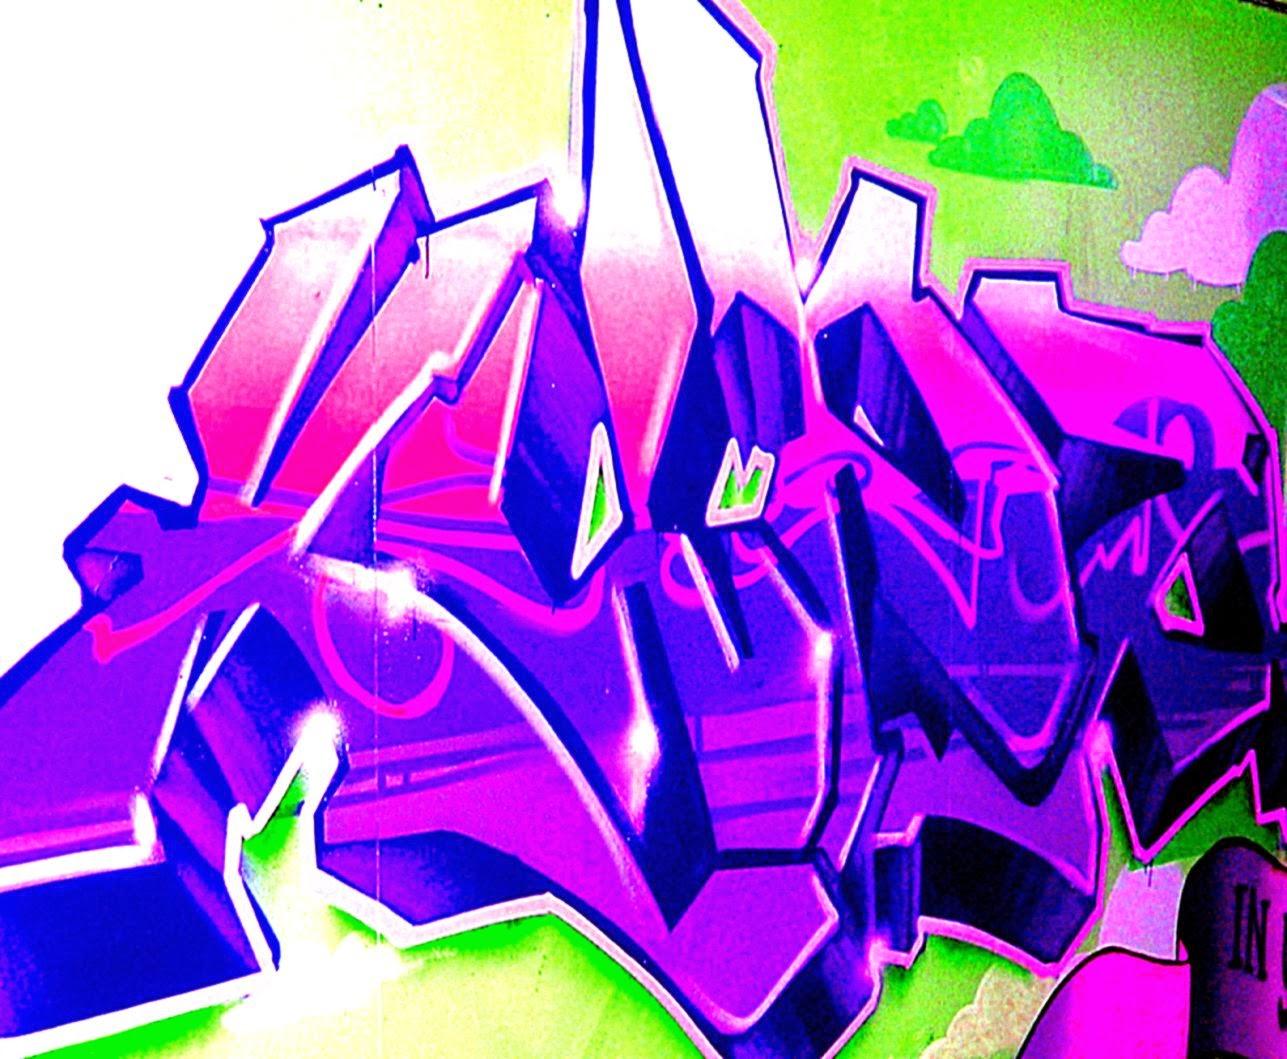 Cool Graffiti Backgrounds Wallpaper Desktop 8 Cool 1287x1059